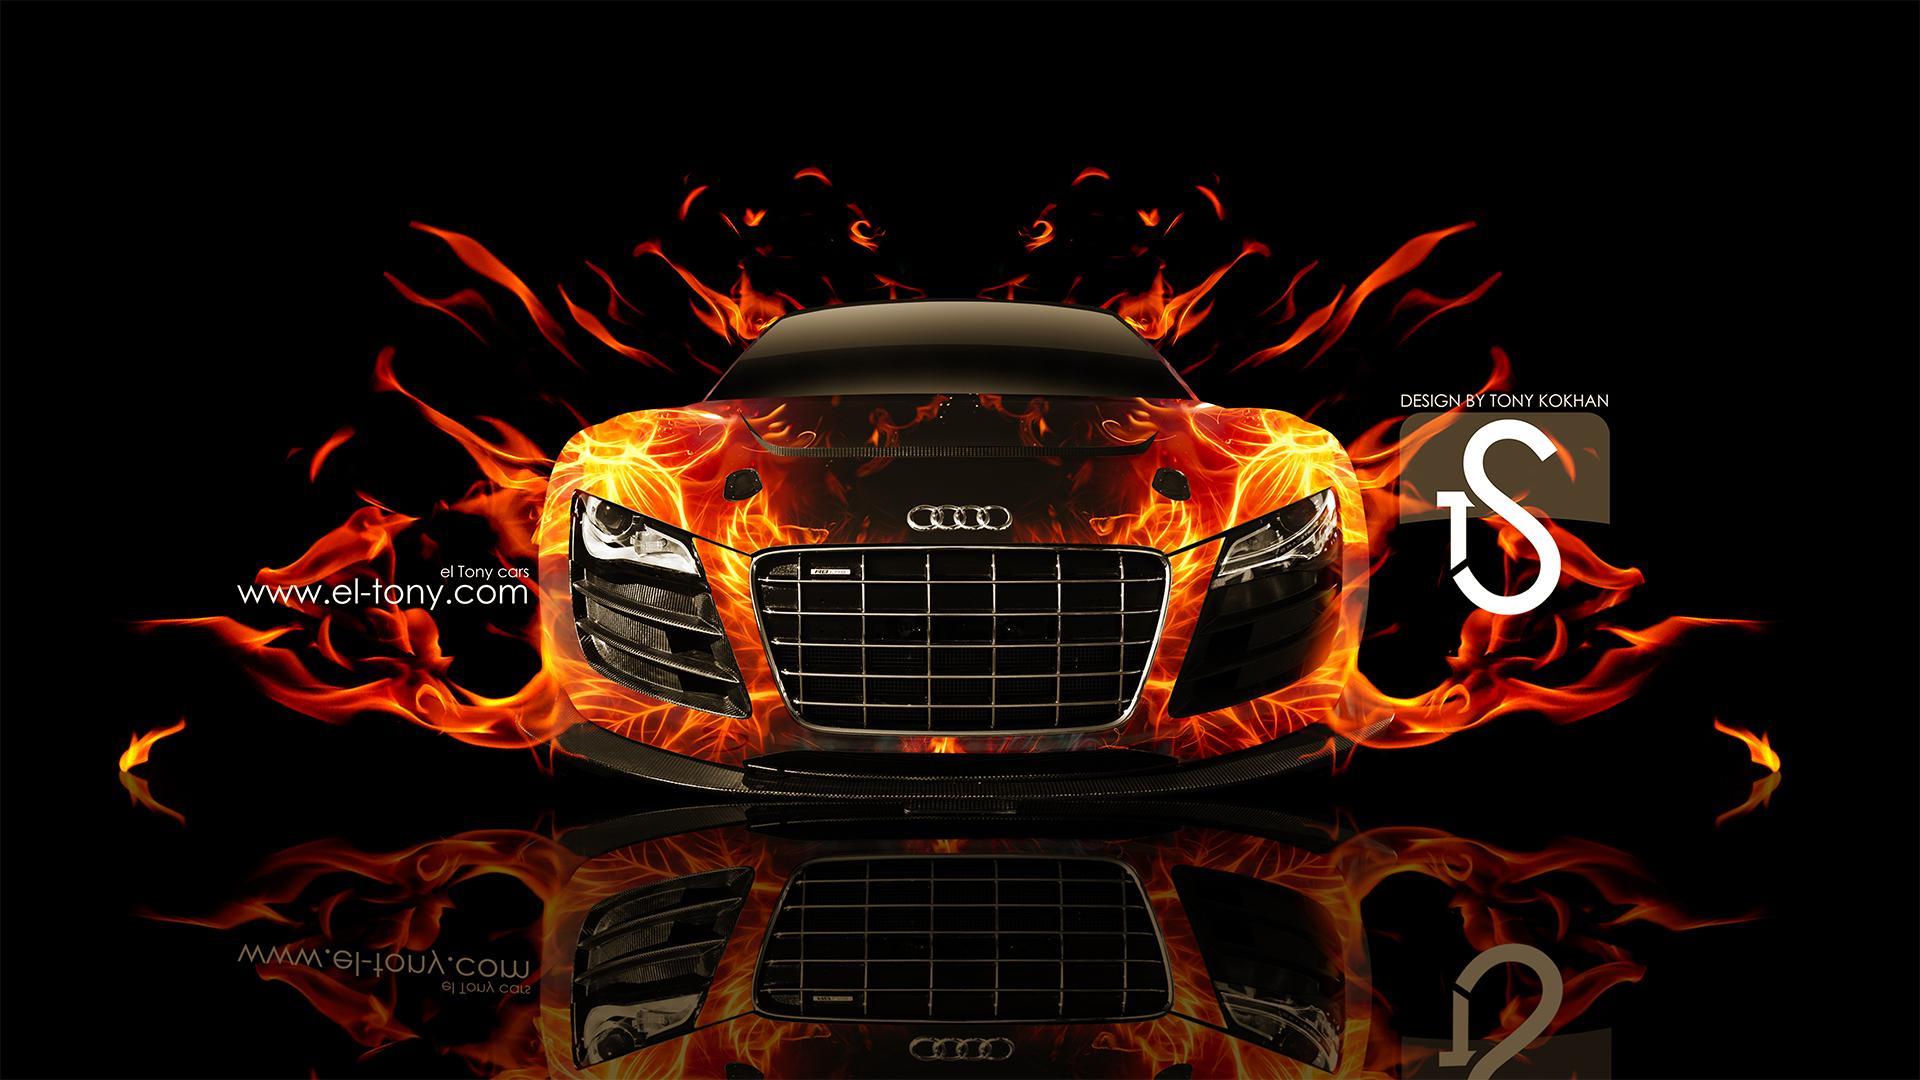 Cars Hd Wallpapers 1080p Lamborghini Cars In Fire And Water Ƹ̵̡Ӝ̵̨̄Ʒ Hd 4 U ㋡